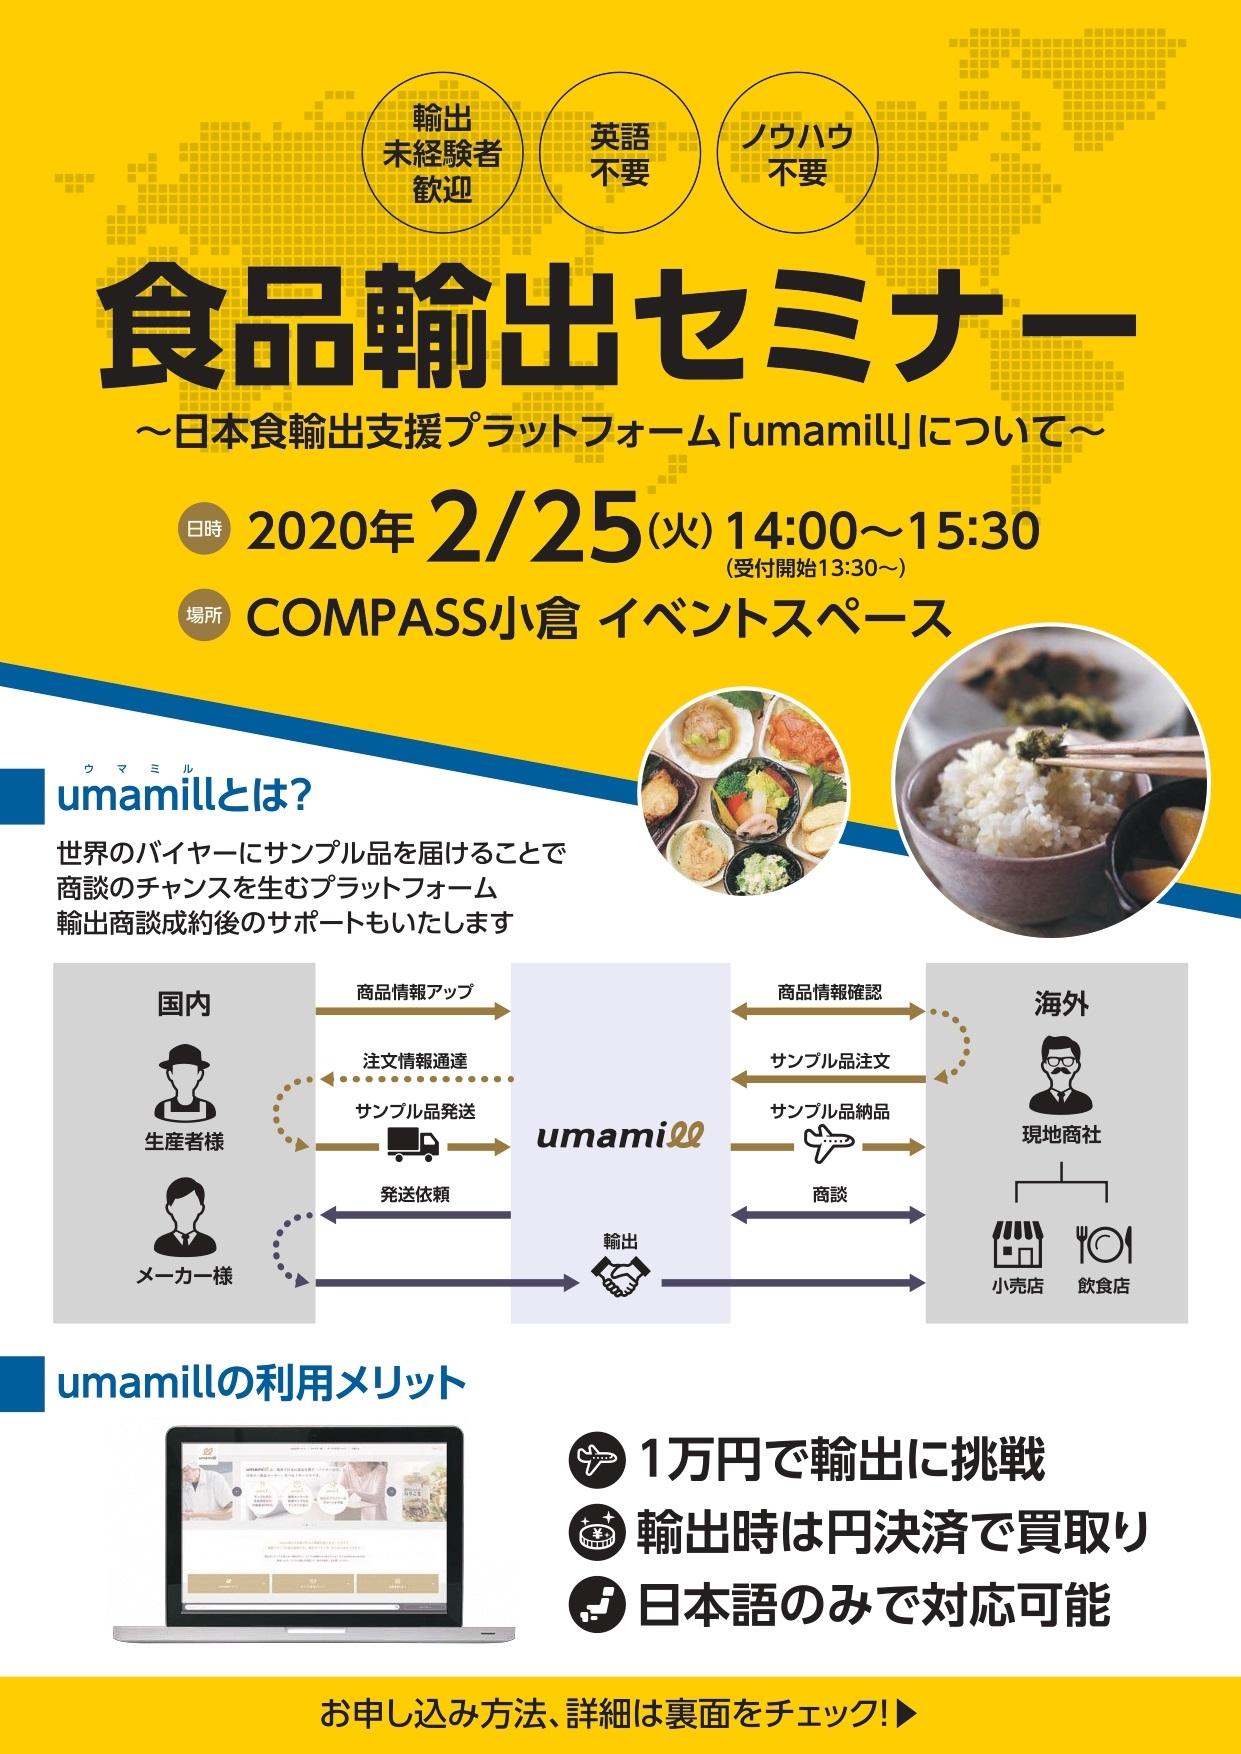 食品輸出セミナー 日本食輸出支援プラットフォーム「umamill(ウマミル)」についてメイン画像